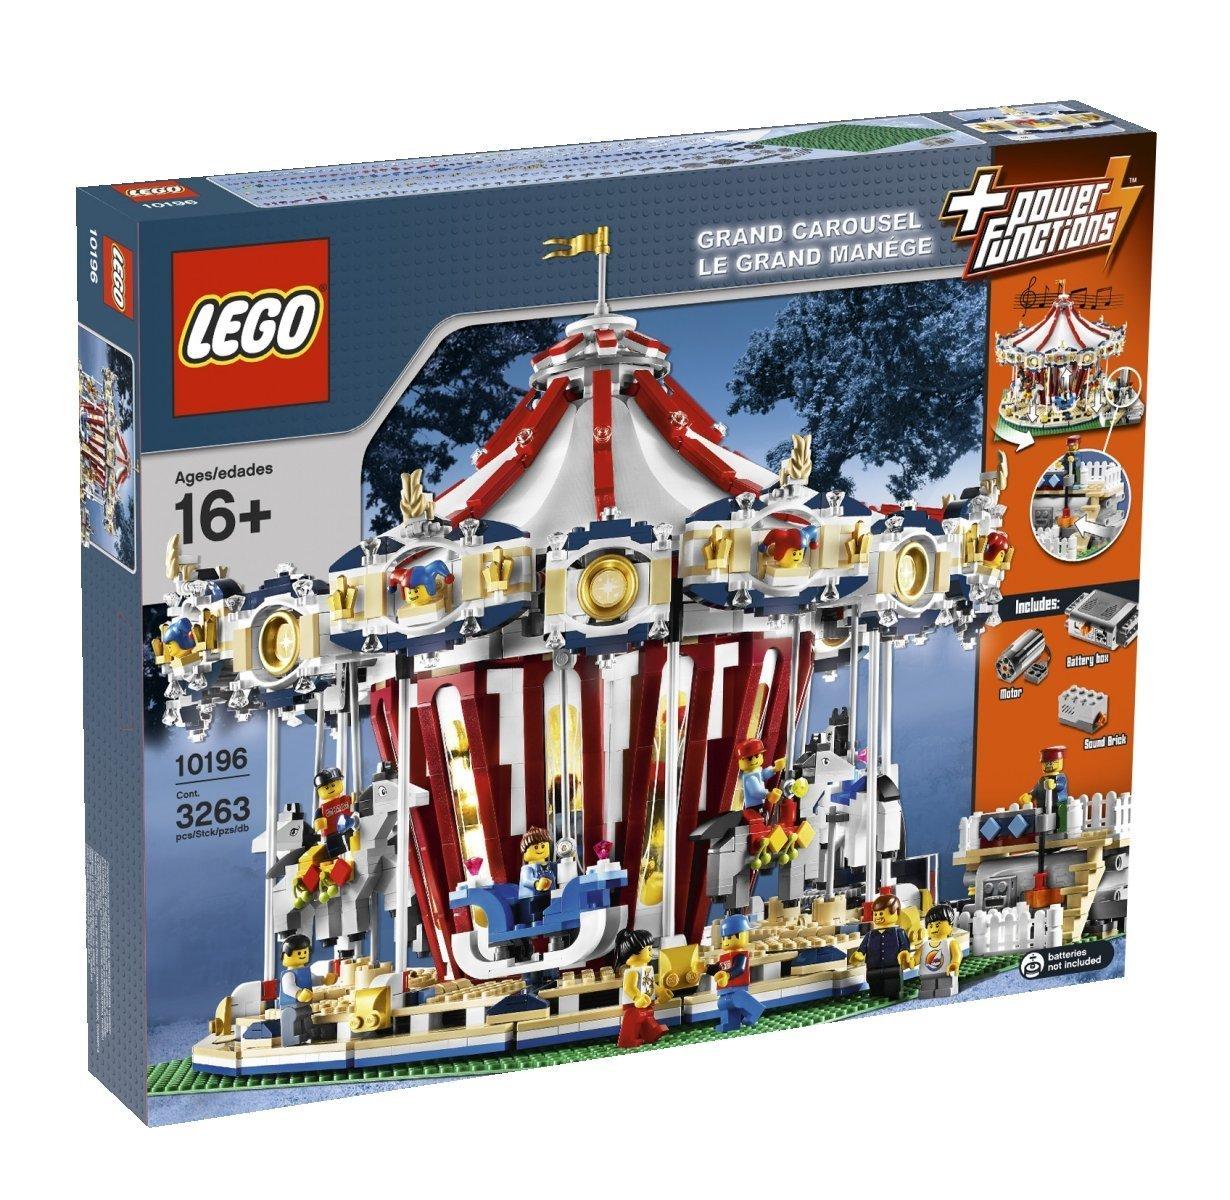 レゴ (LEGO) クリエイターメリーゴーランド 10196   B001USHS9C